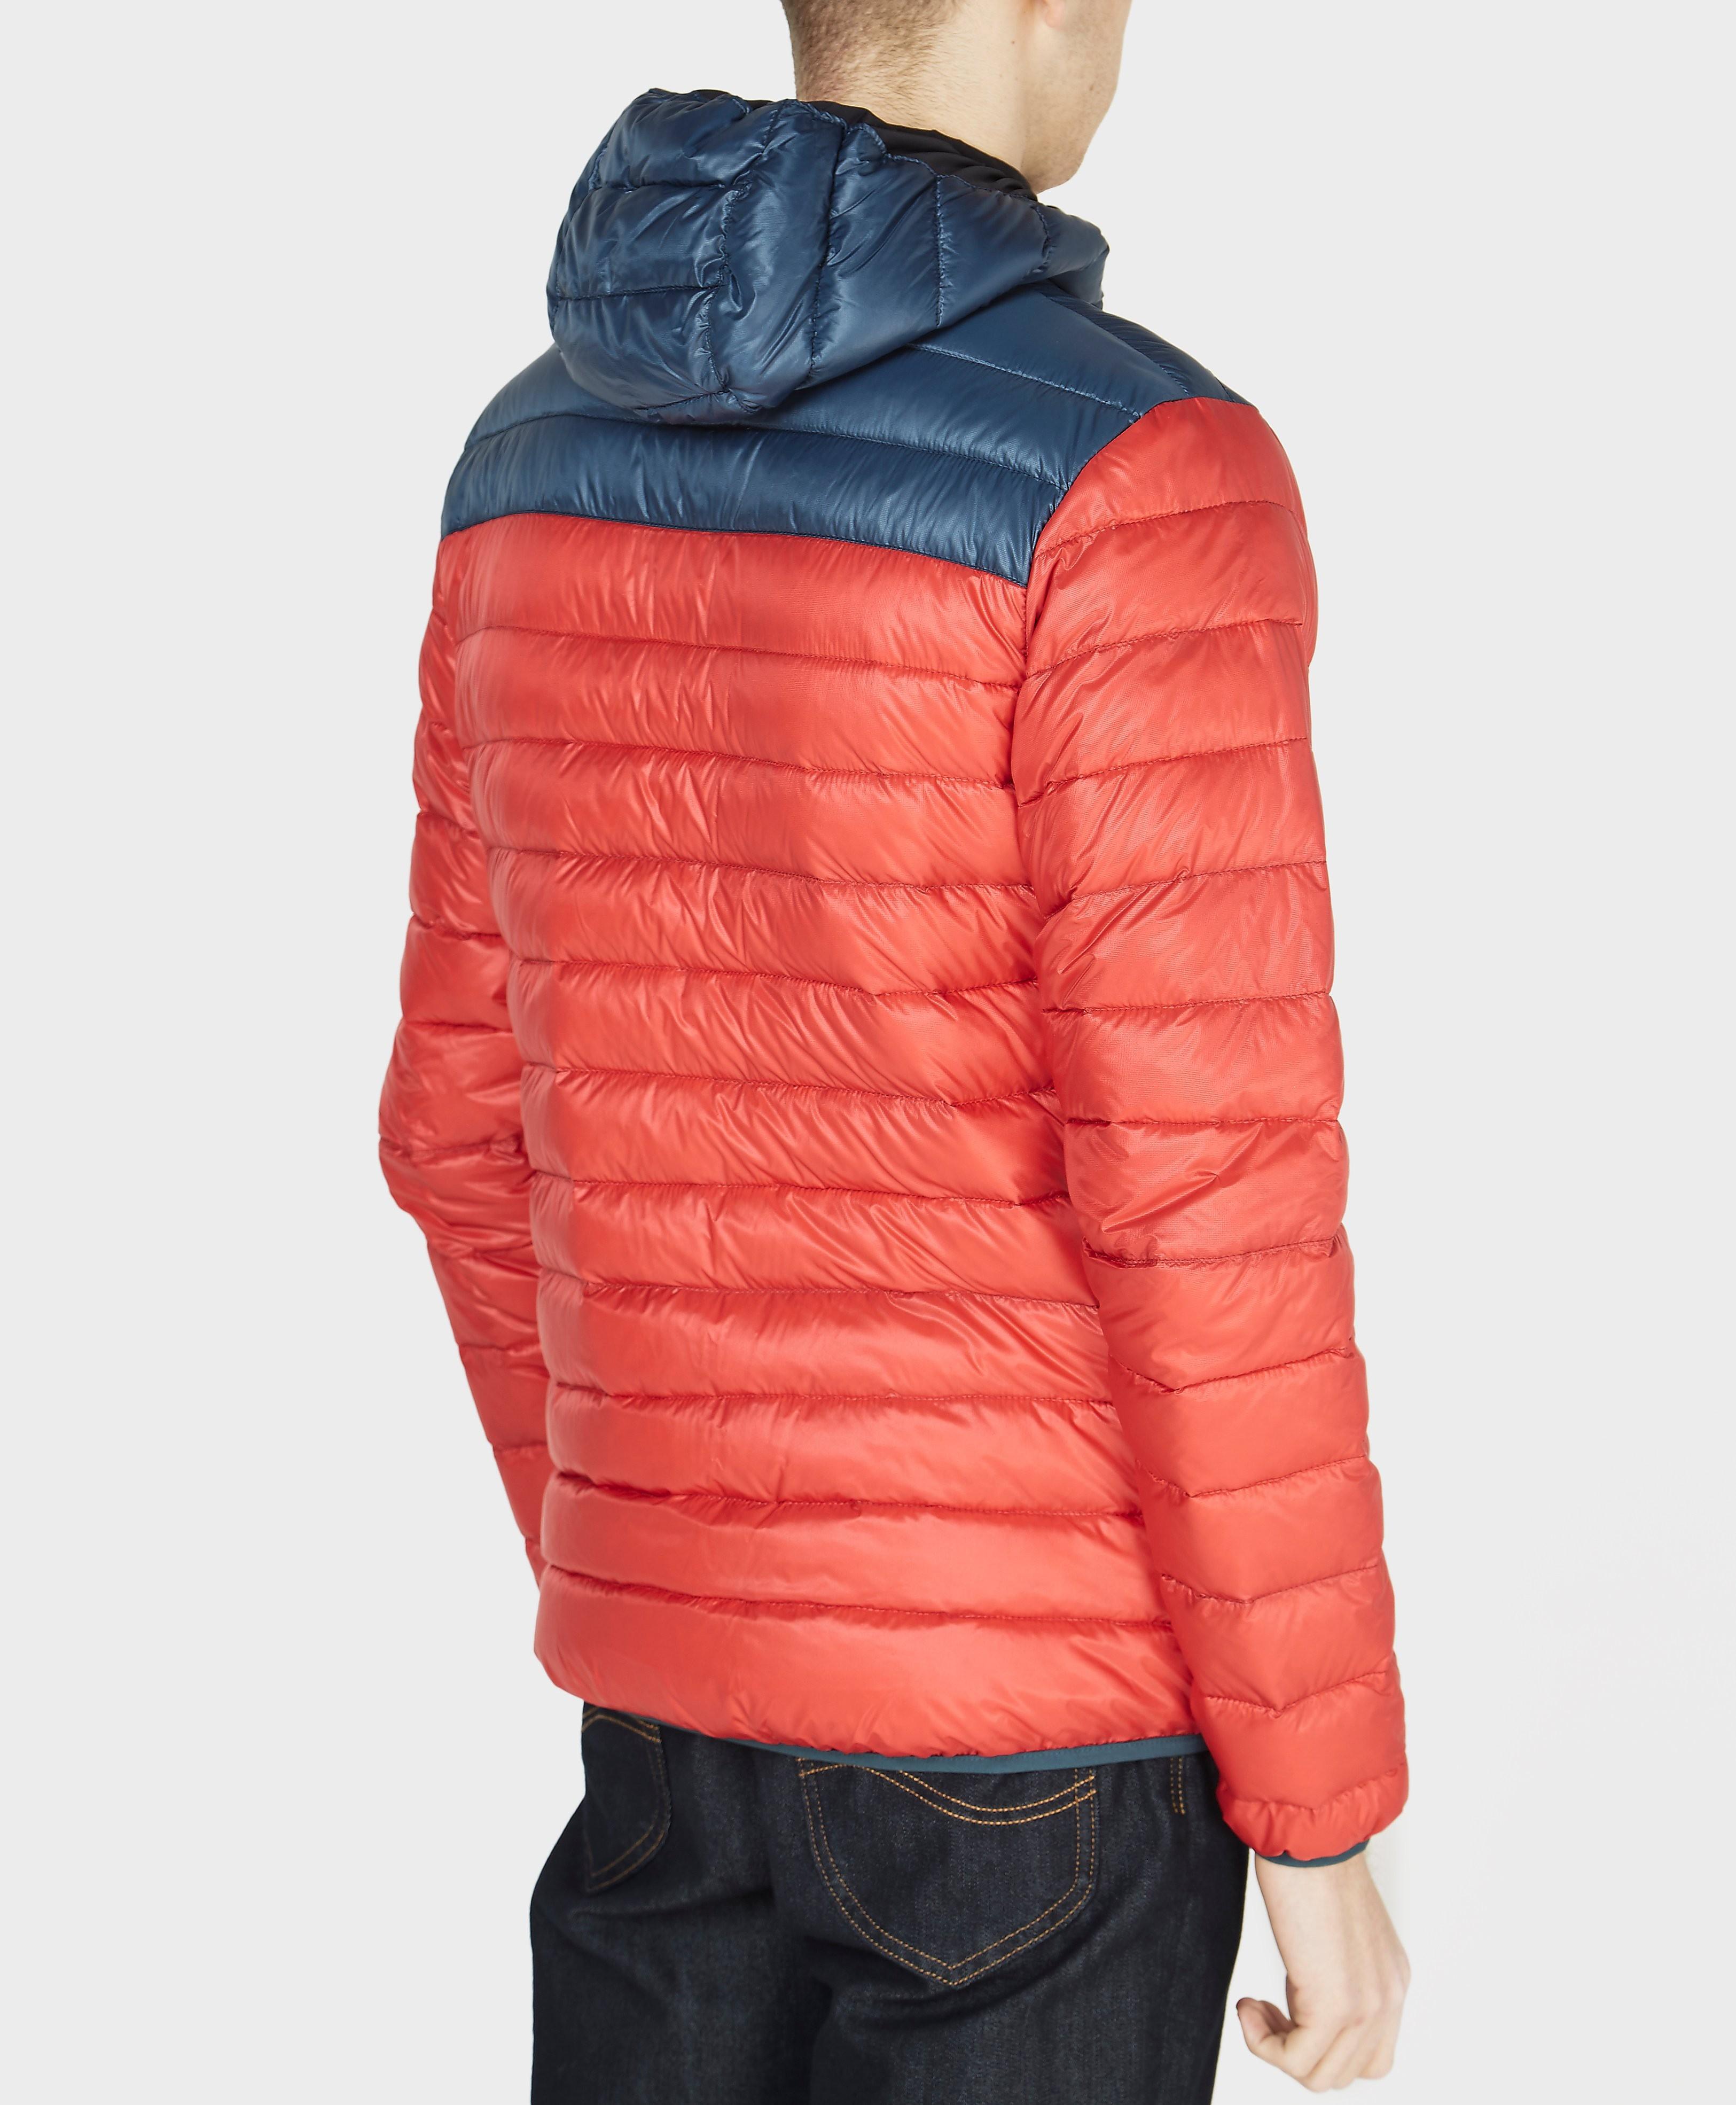 Pyrenex Falco jacket